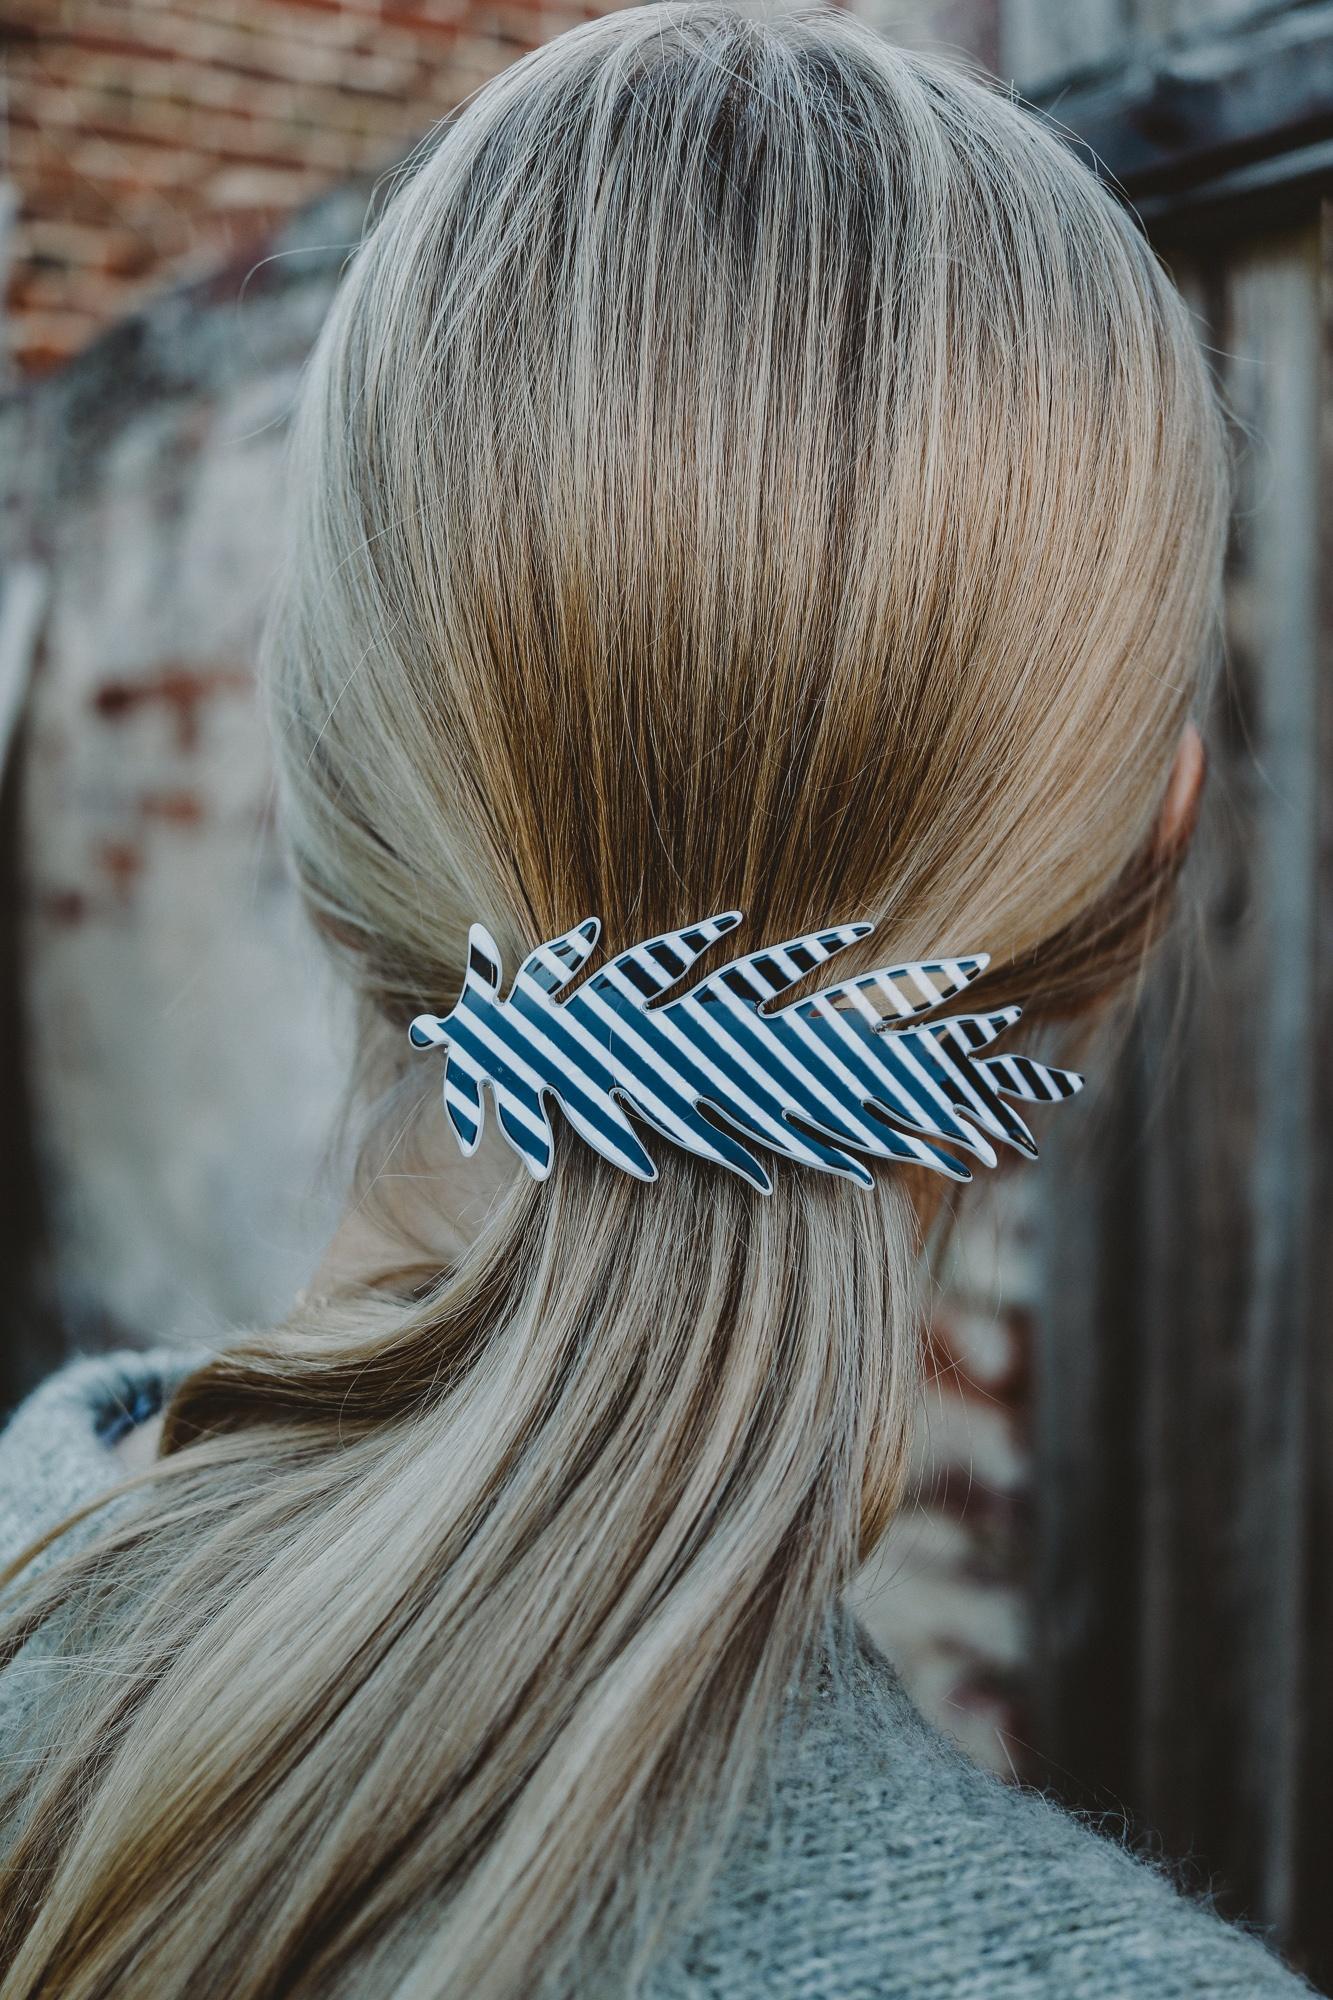 Ich flipp aus: Die Haarspange ist zurück! | Anzeige, enthält Affiliate Links